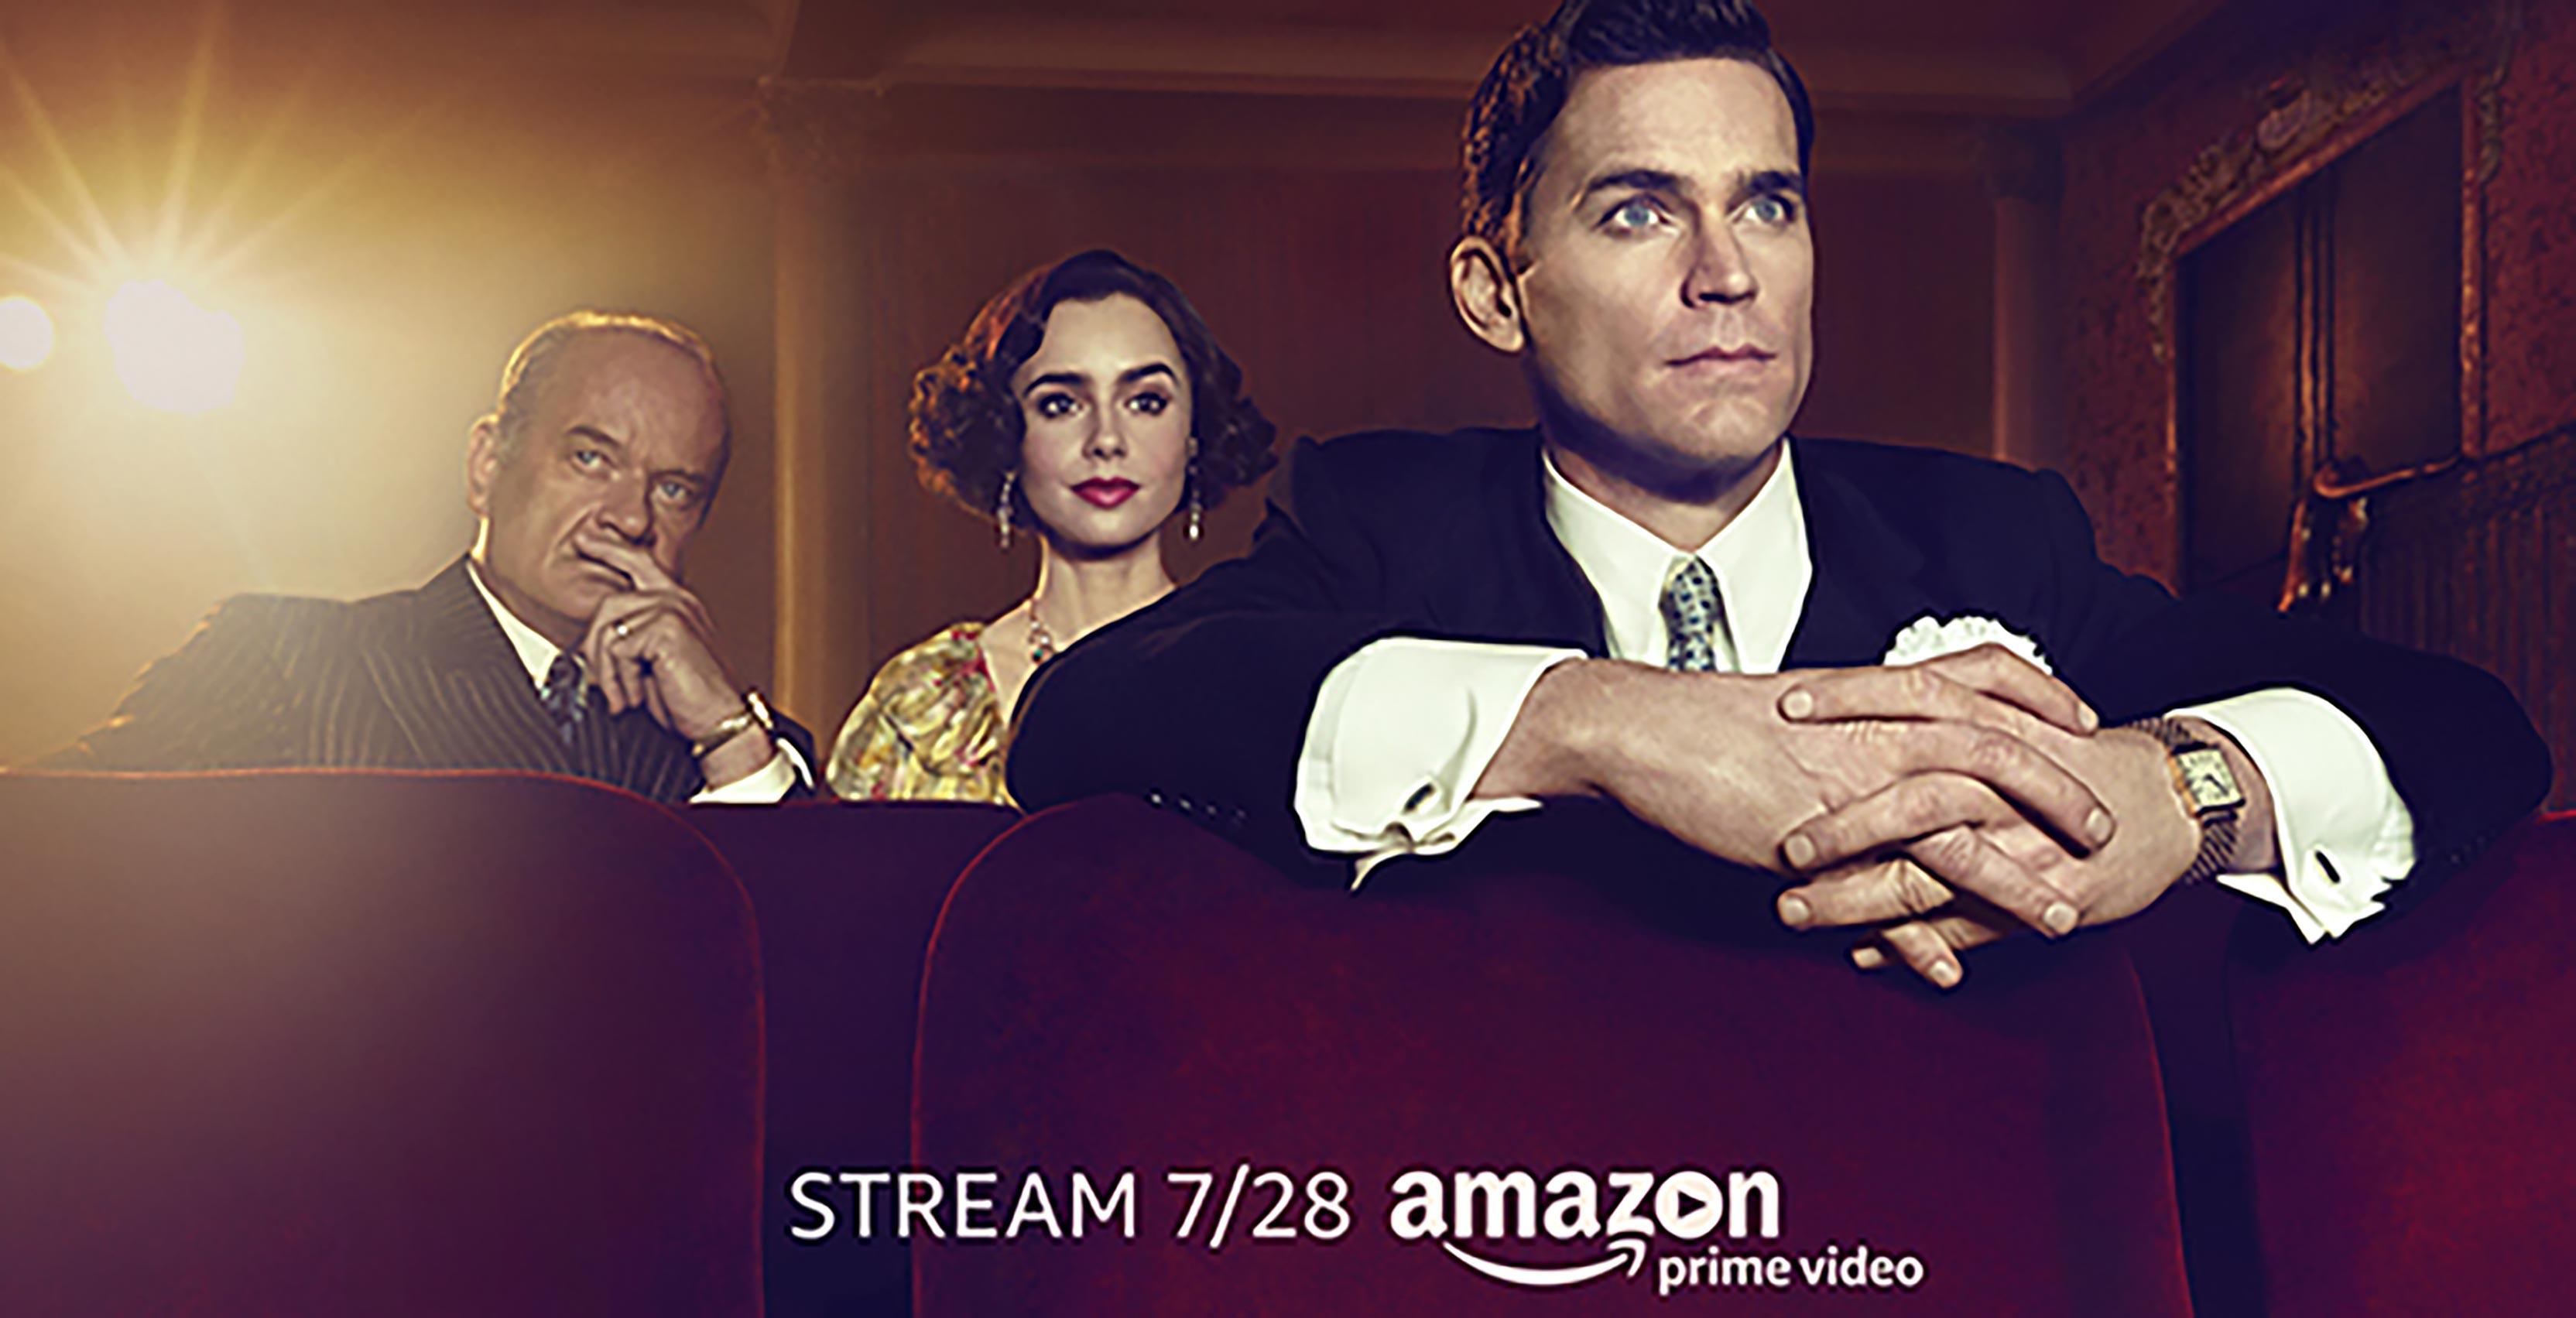 The Last Tycoon Amazon